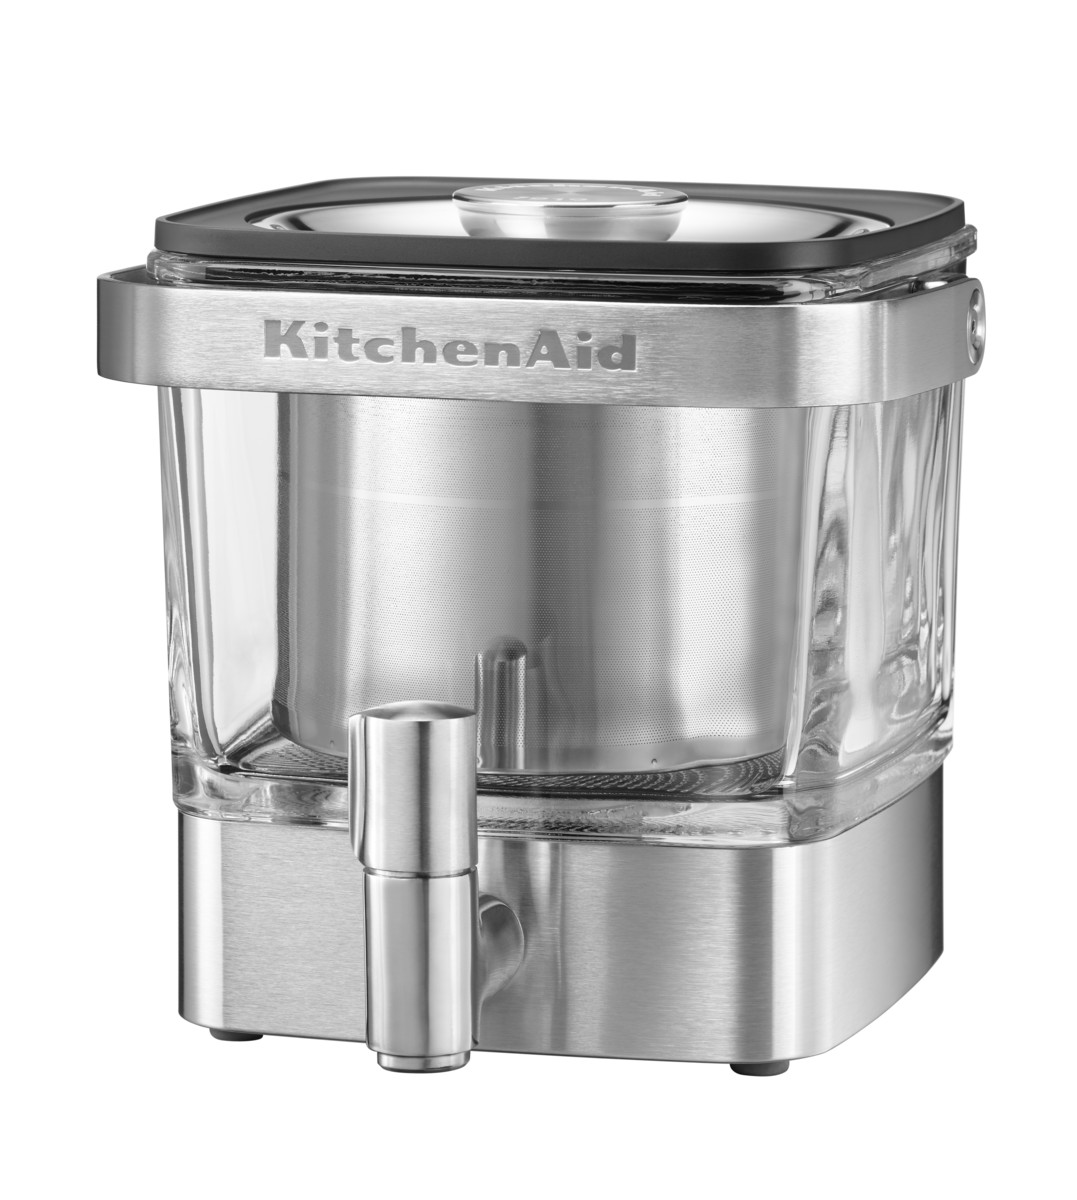 KitchenAid Kávovar 5KCM4212SX pro přípravu kávy za studena